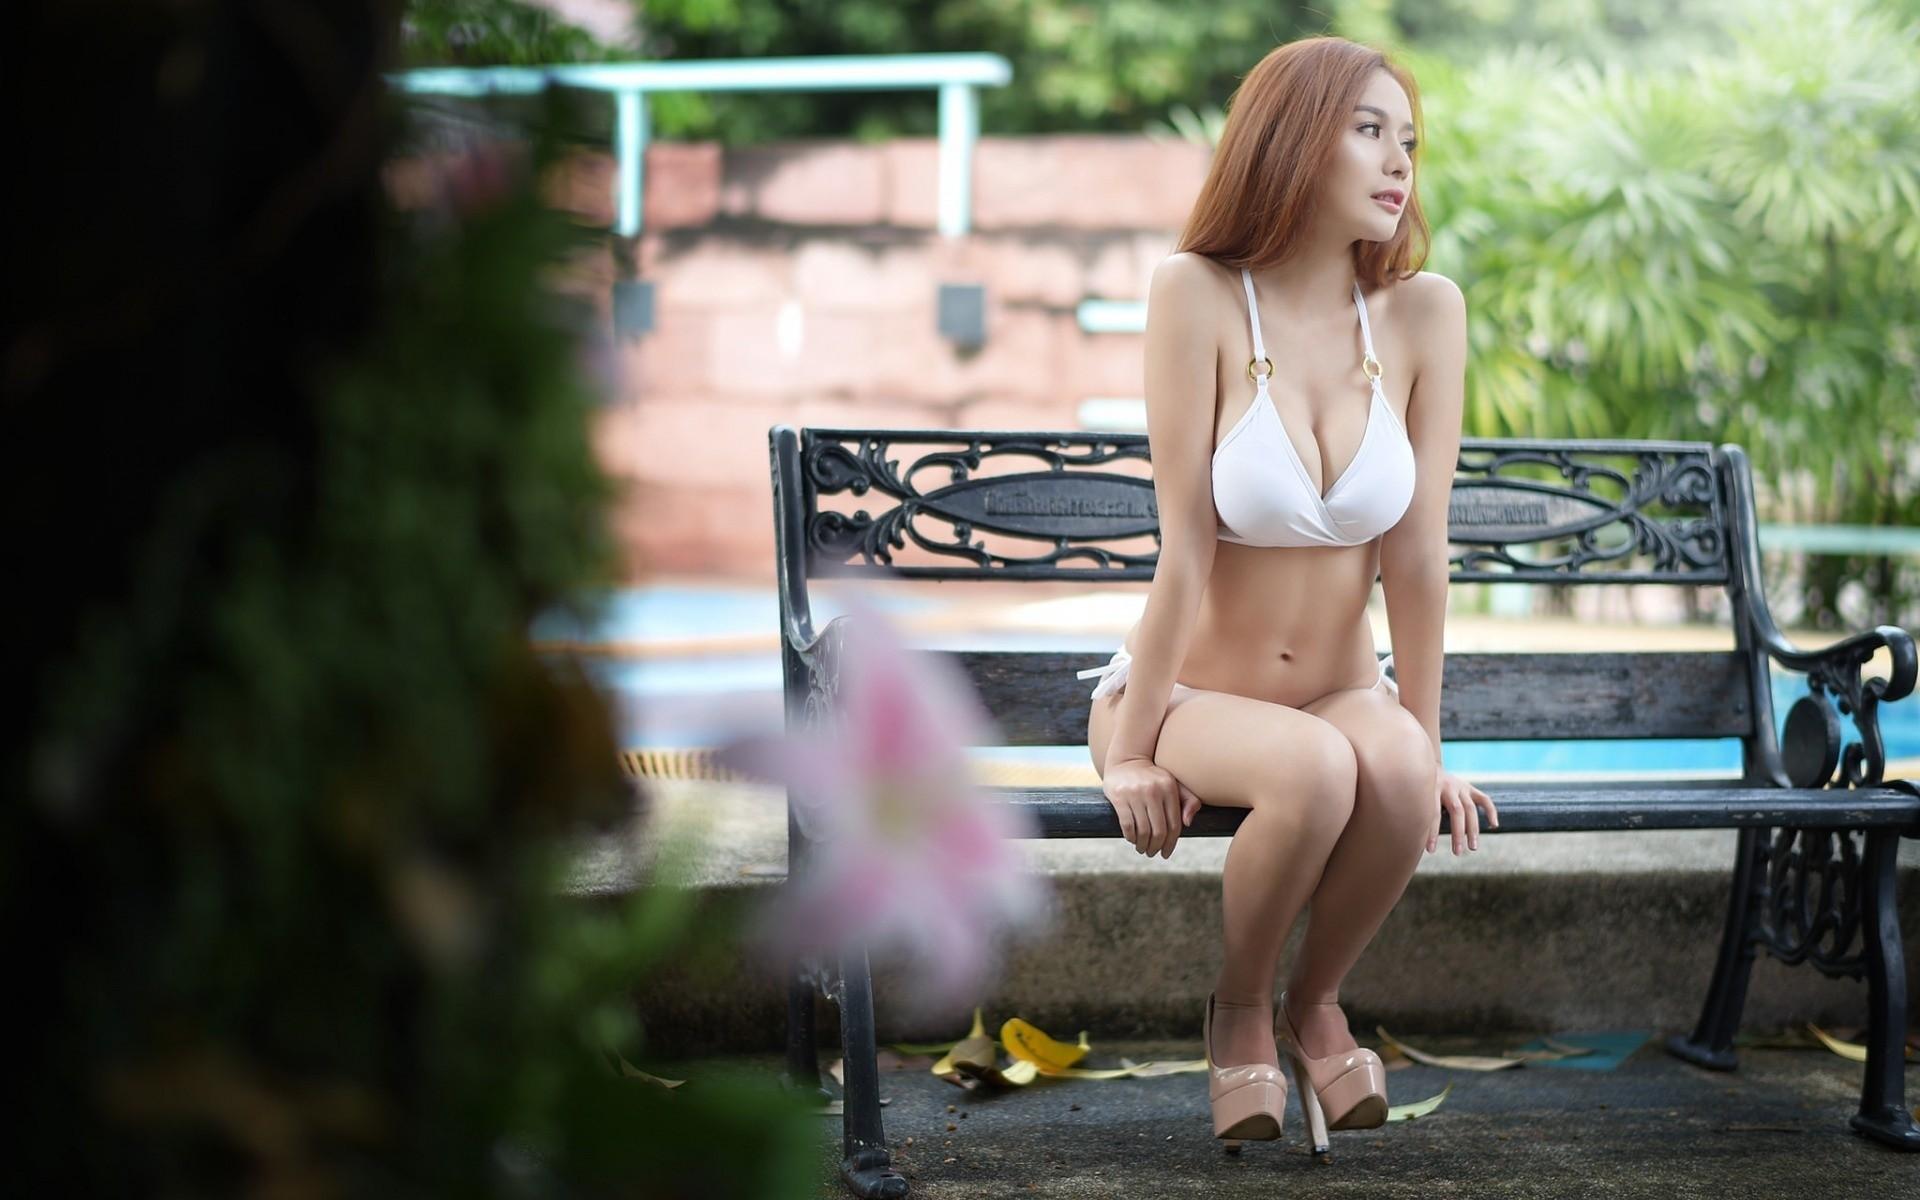 Deepthroat sex lingerie blonde